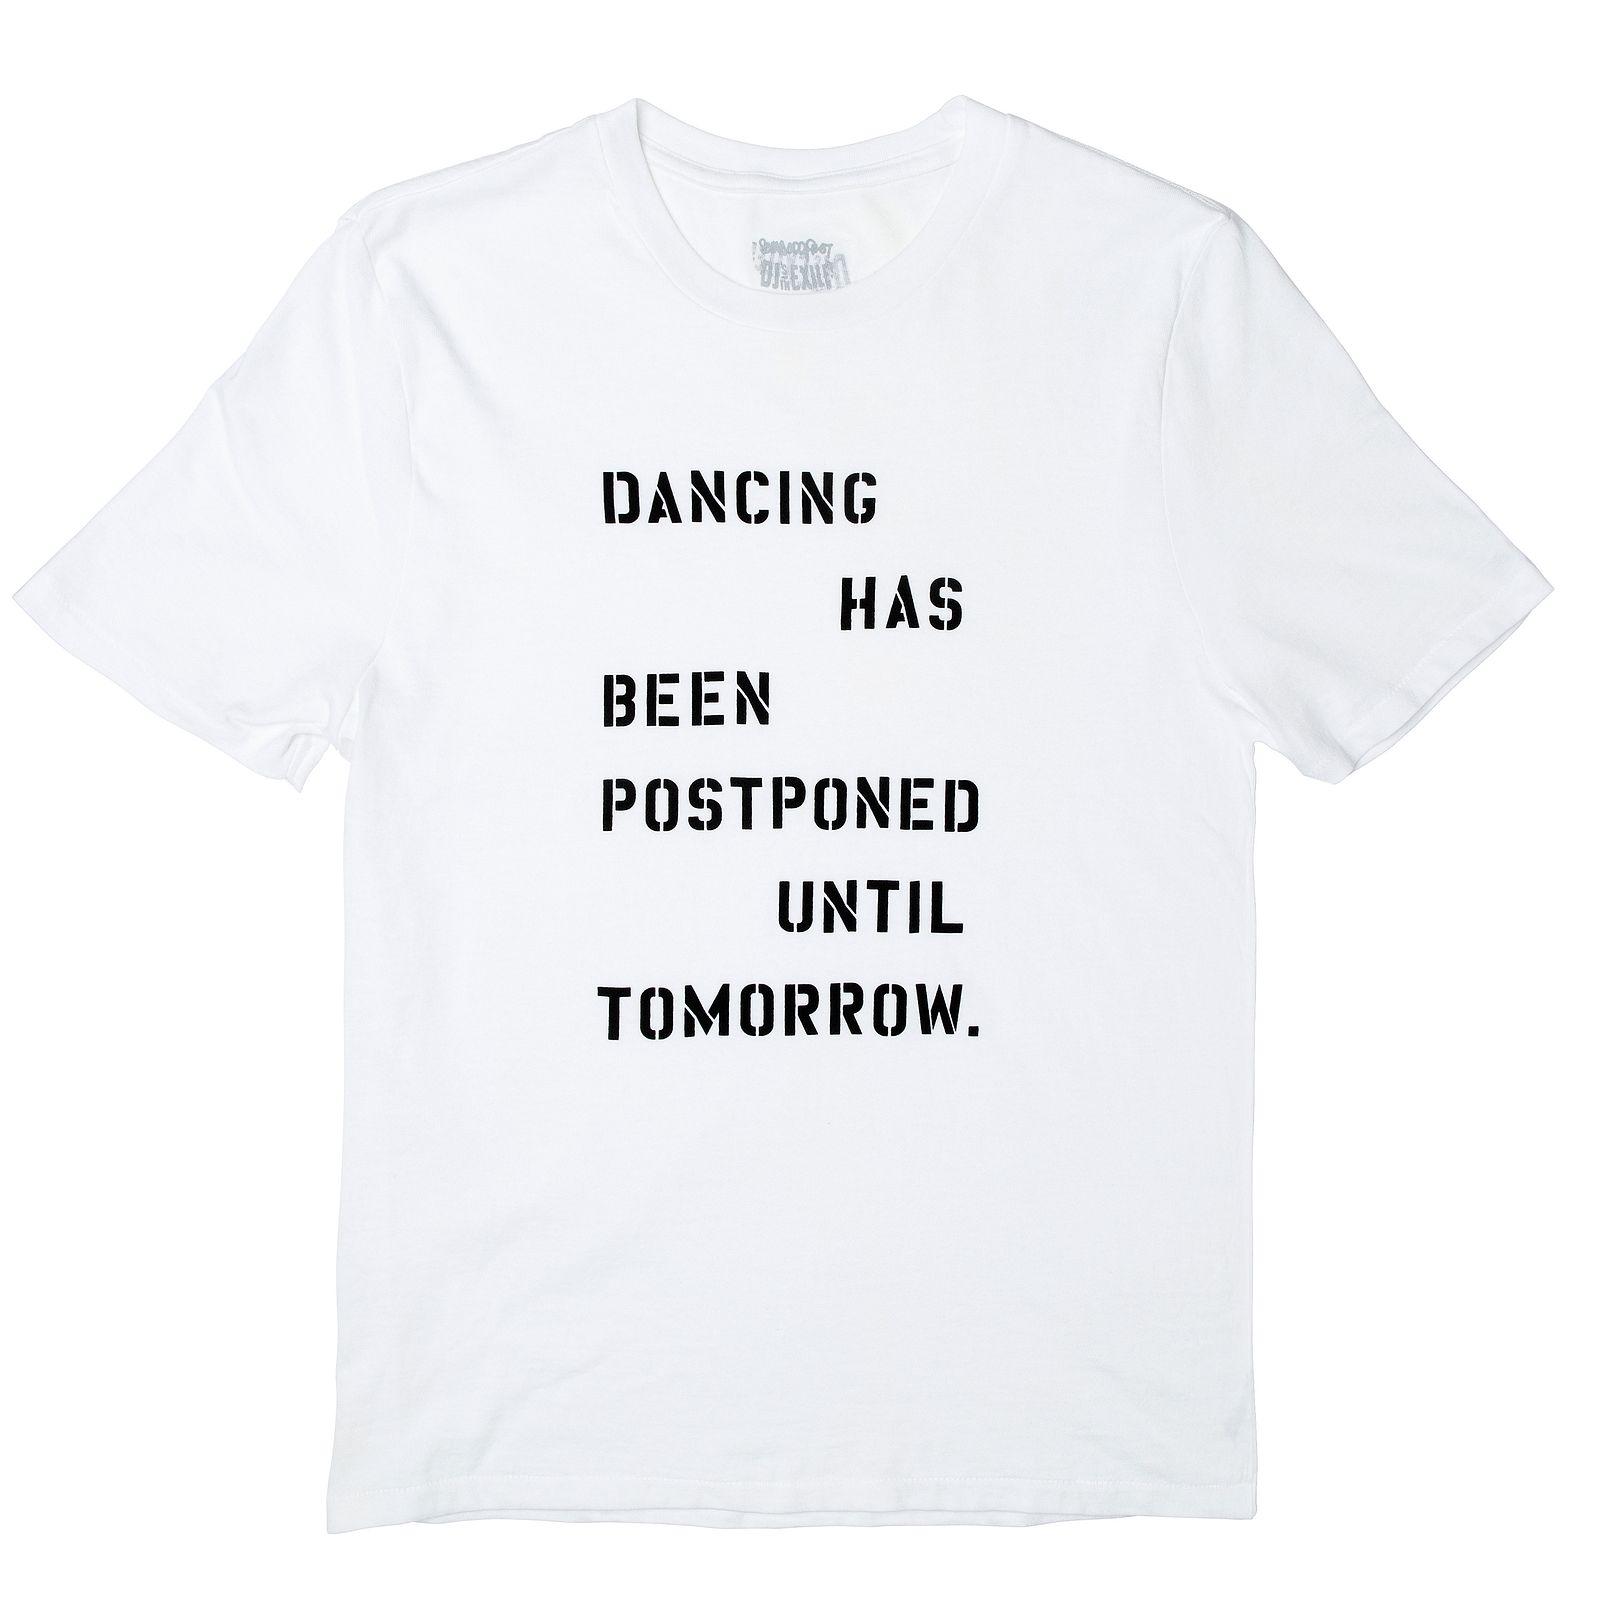 Dancing Has Been Postponed Tee